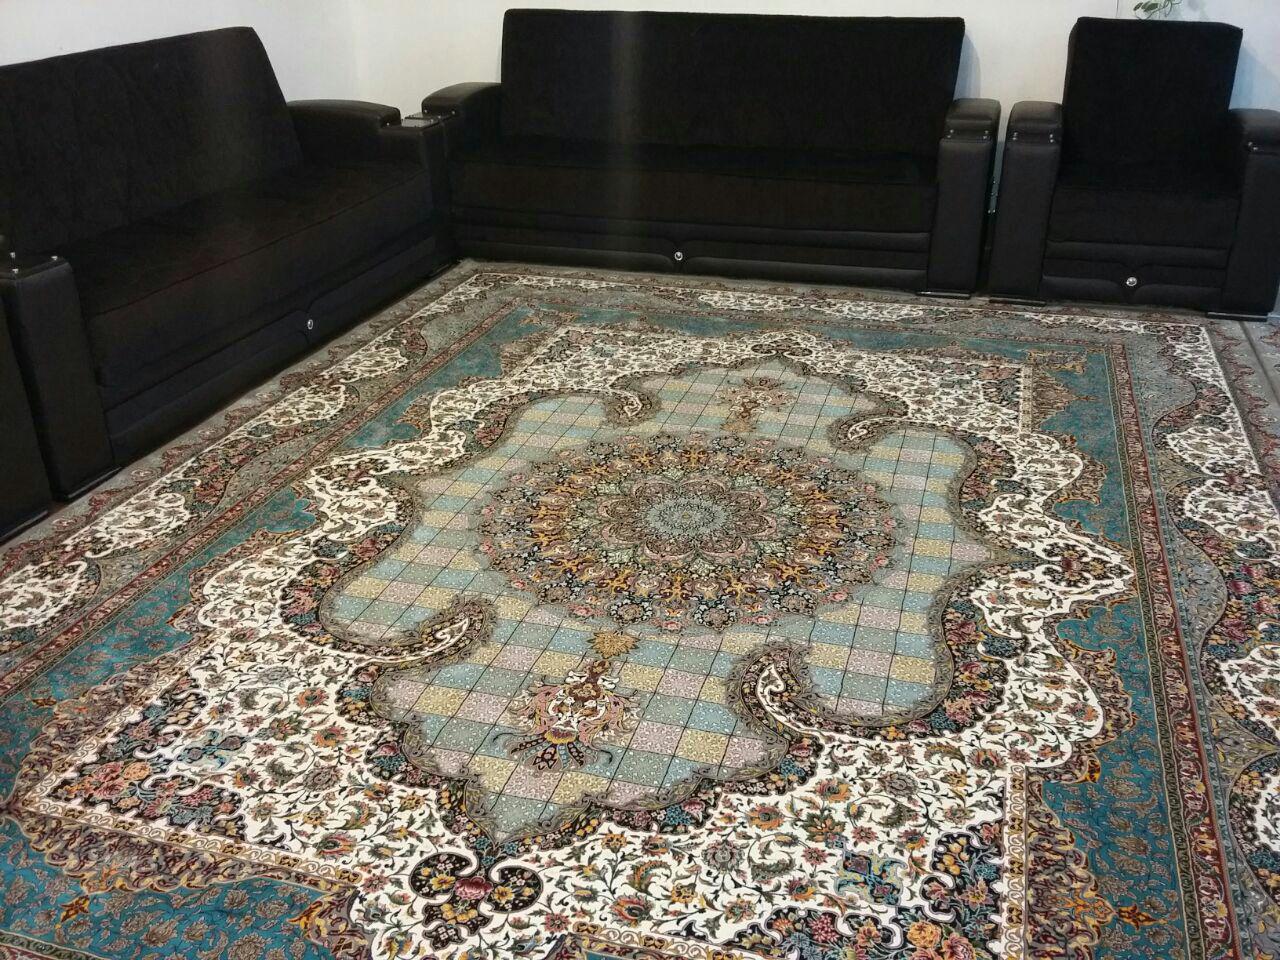 فرش کاشان ۱۲۰۰ شانه تراکم ۳۶۰۰ نقشه زیبا و خاص سالار موشی